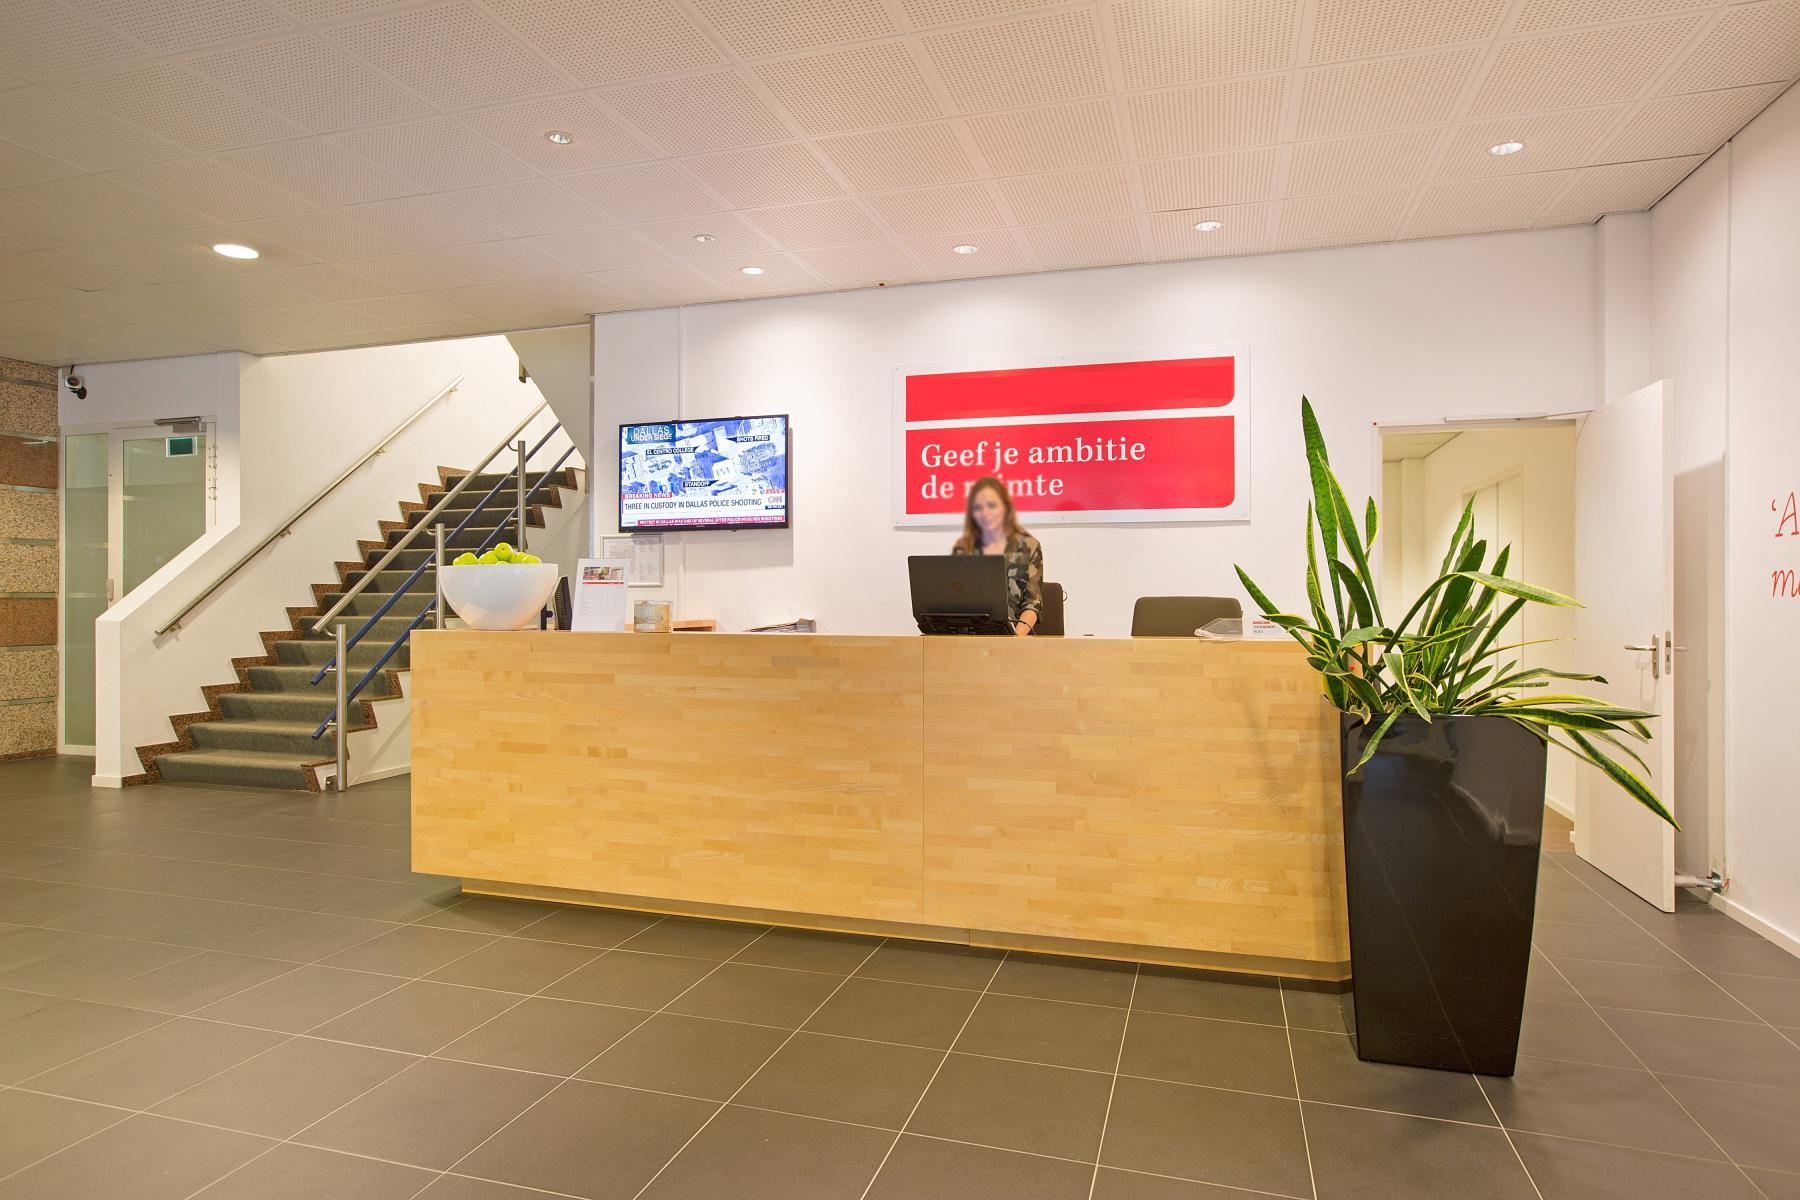 receptie kantoorpand karspeldreef amsterdam